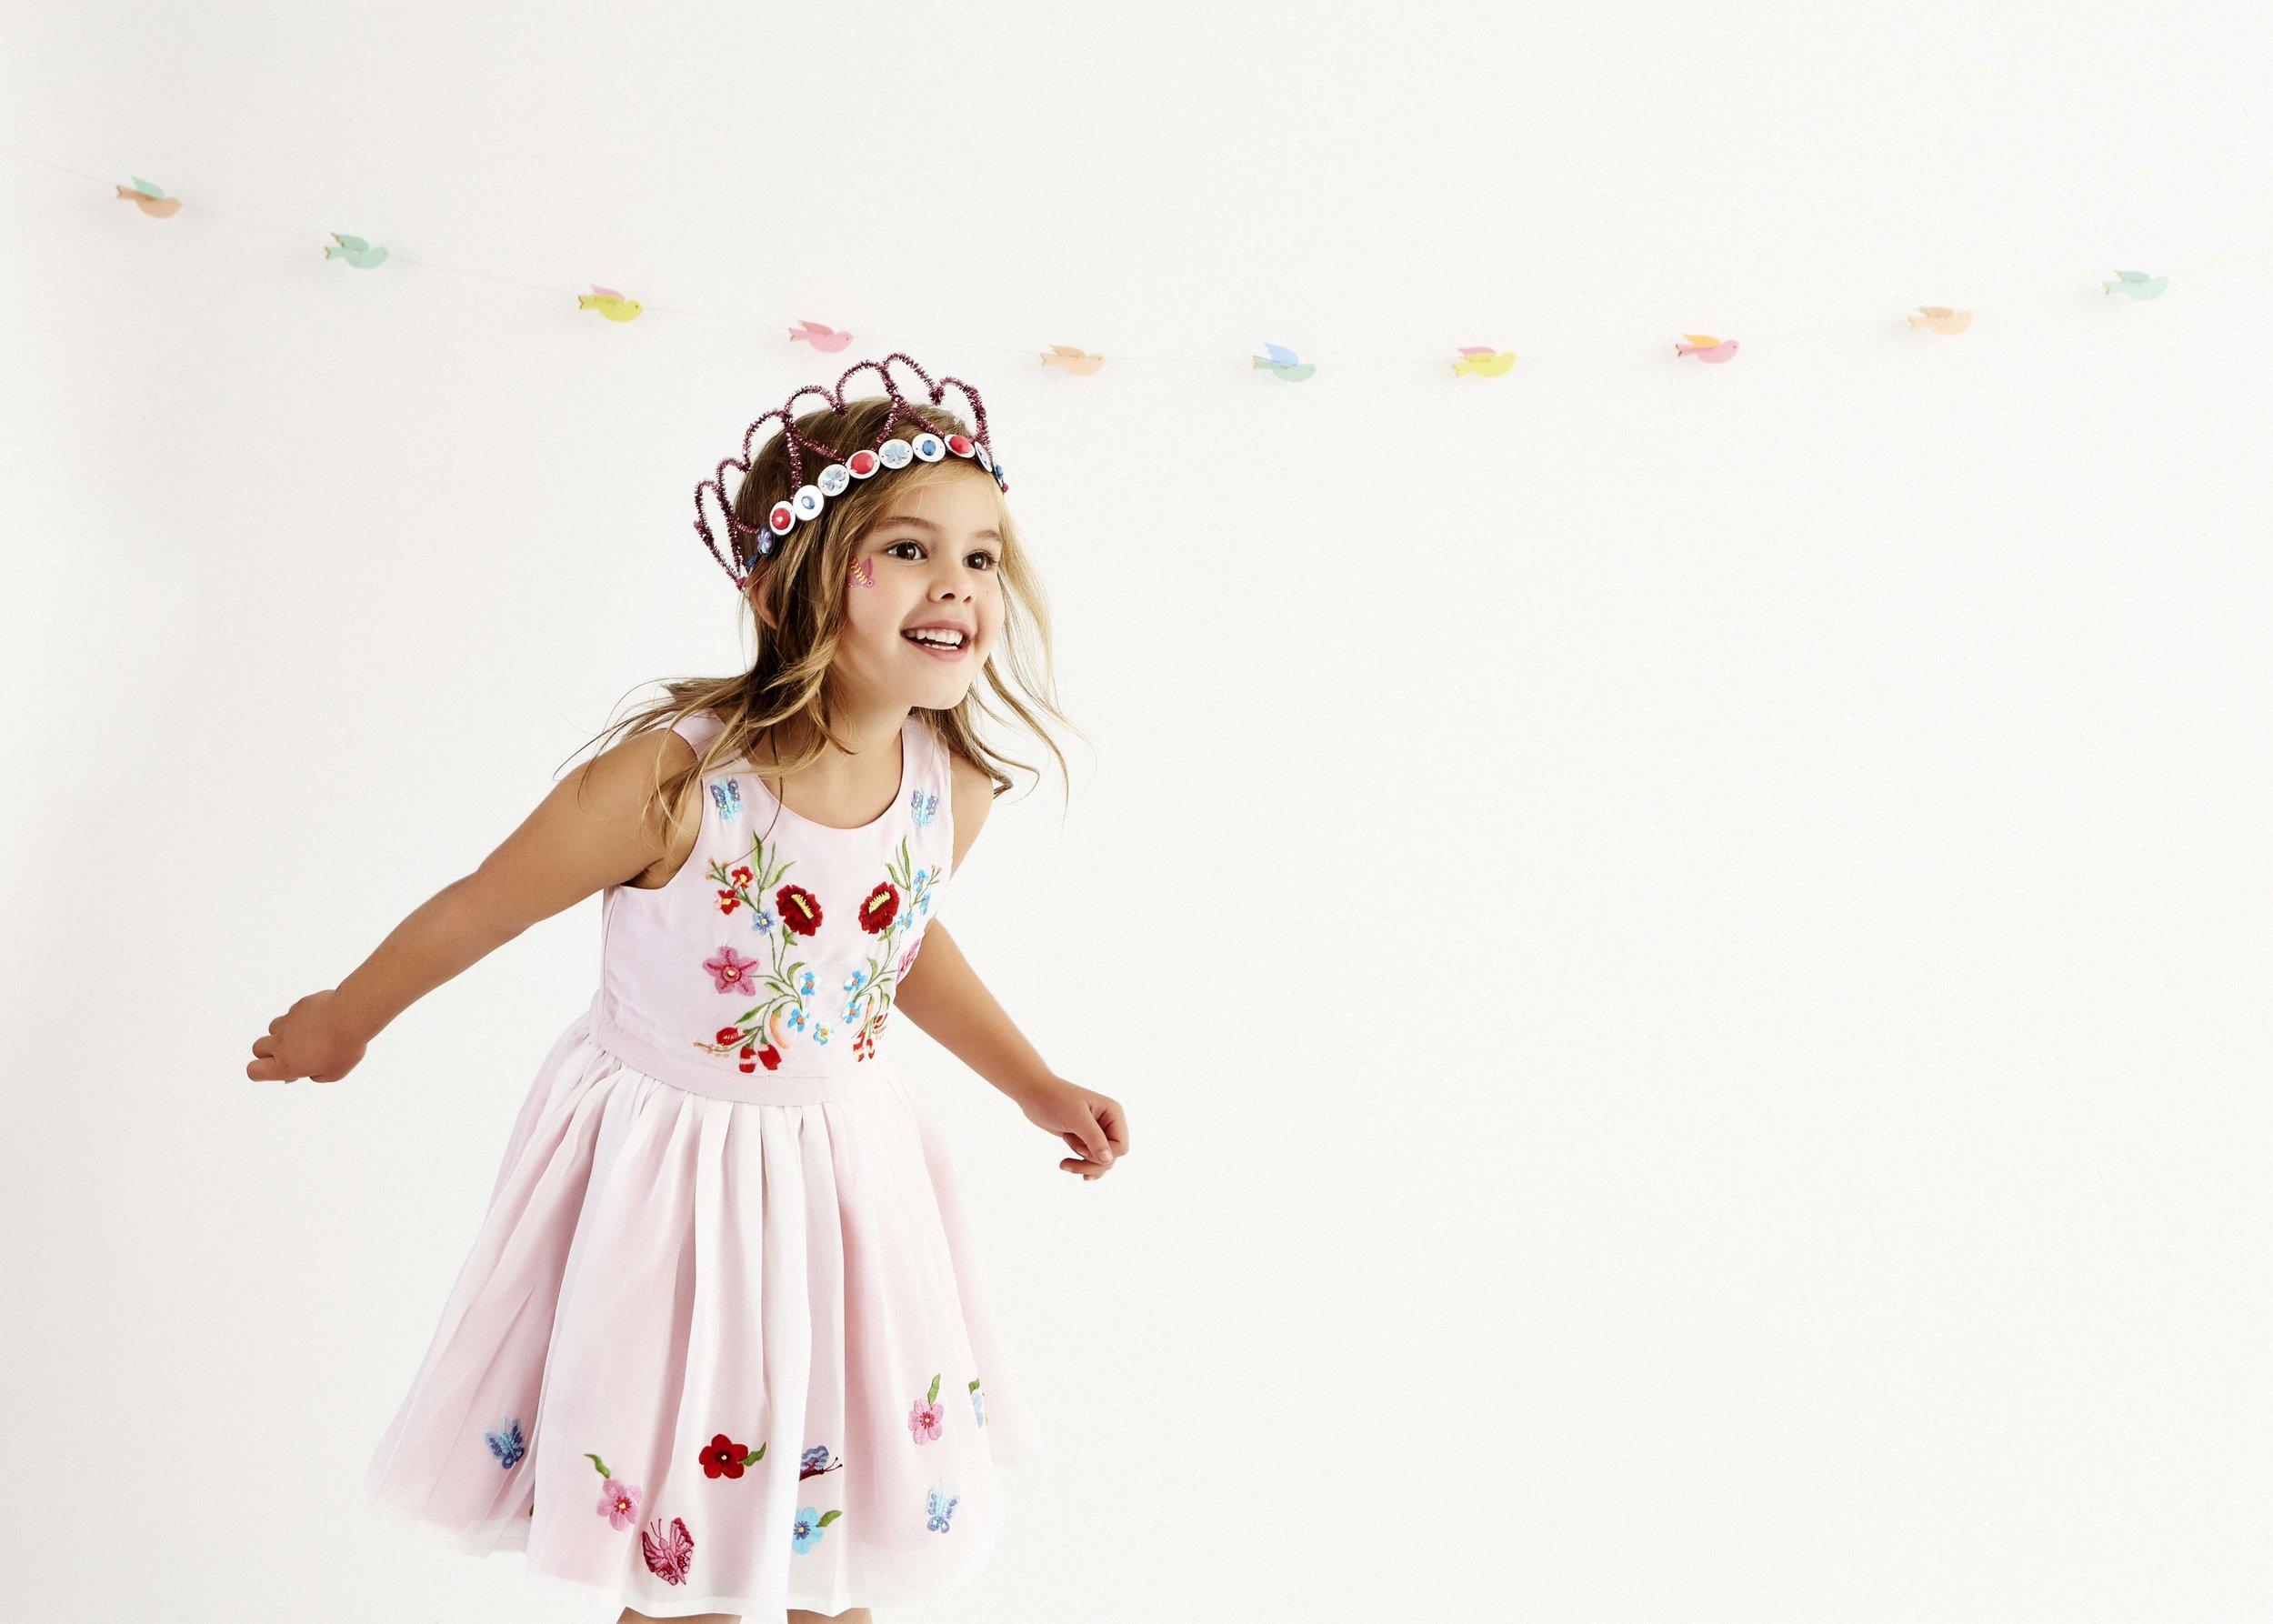 Liz_Cooper_Interior_Stylist_Styling_Kids_Fashion_Crown.jpg